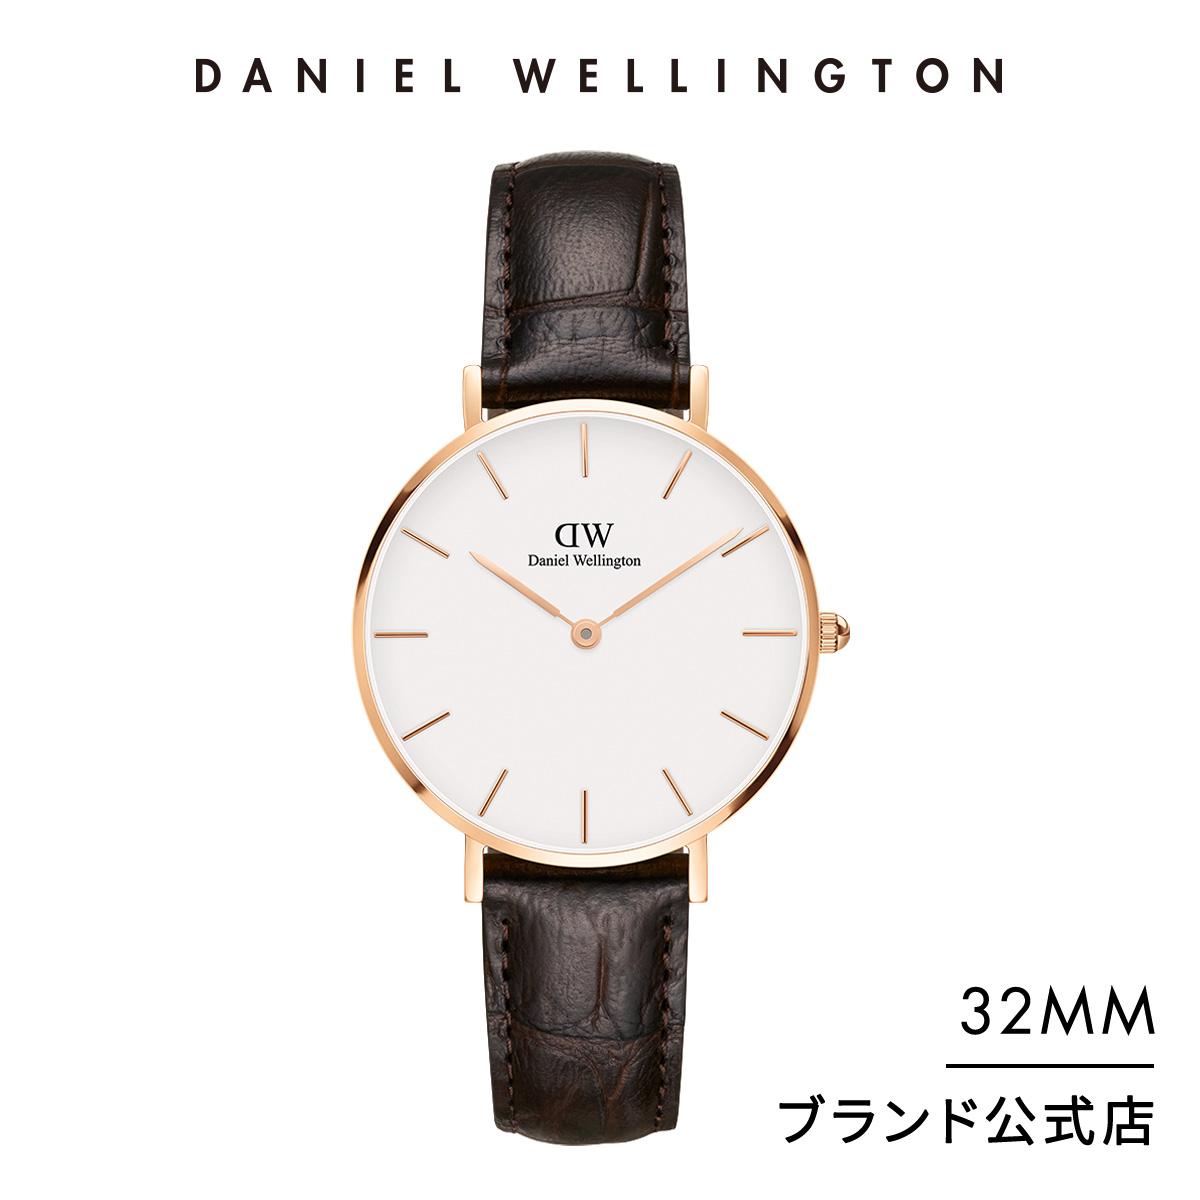 【公式2年保証/送料無料】ダニエルウェリントン公式 レディース 腕時計 Petite York 32mm 革 ベルト クラシック ぺティート ヨーク DW プレゼント おしゃれ インスタ映え ブランド 彼女 彼氏 ペアスタイルに最適 ウォッチ 母の日